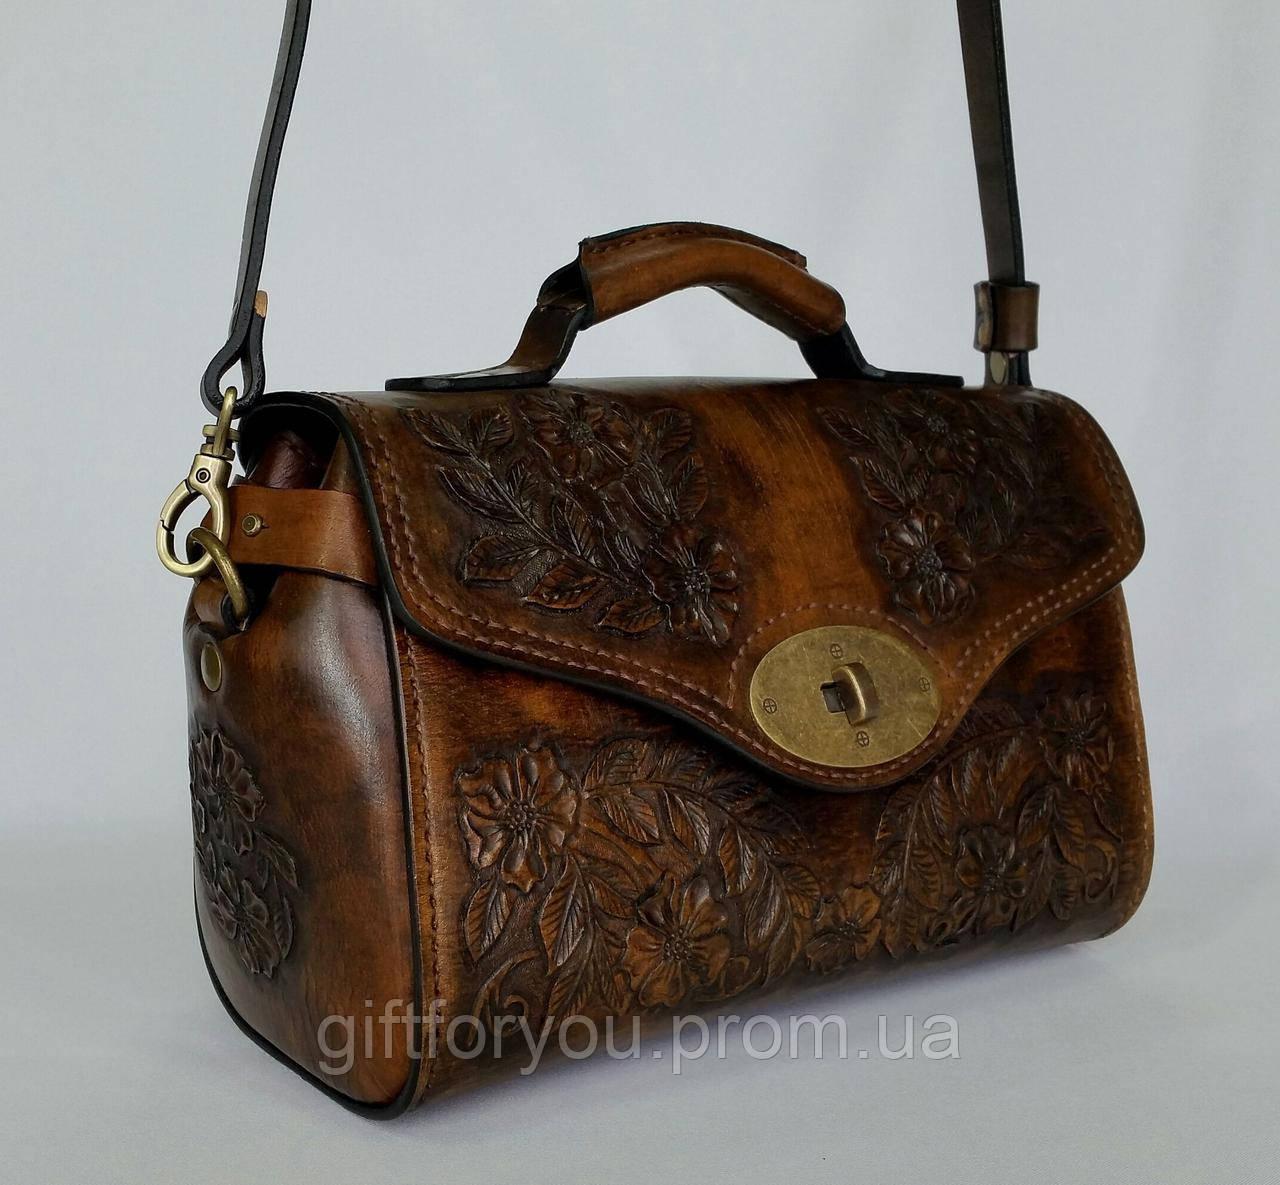 772b3f2e9bd7 Женская сумка ручной работы 25х18см: продажа, цена в Львове. женские ...